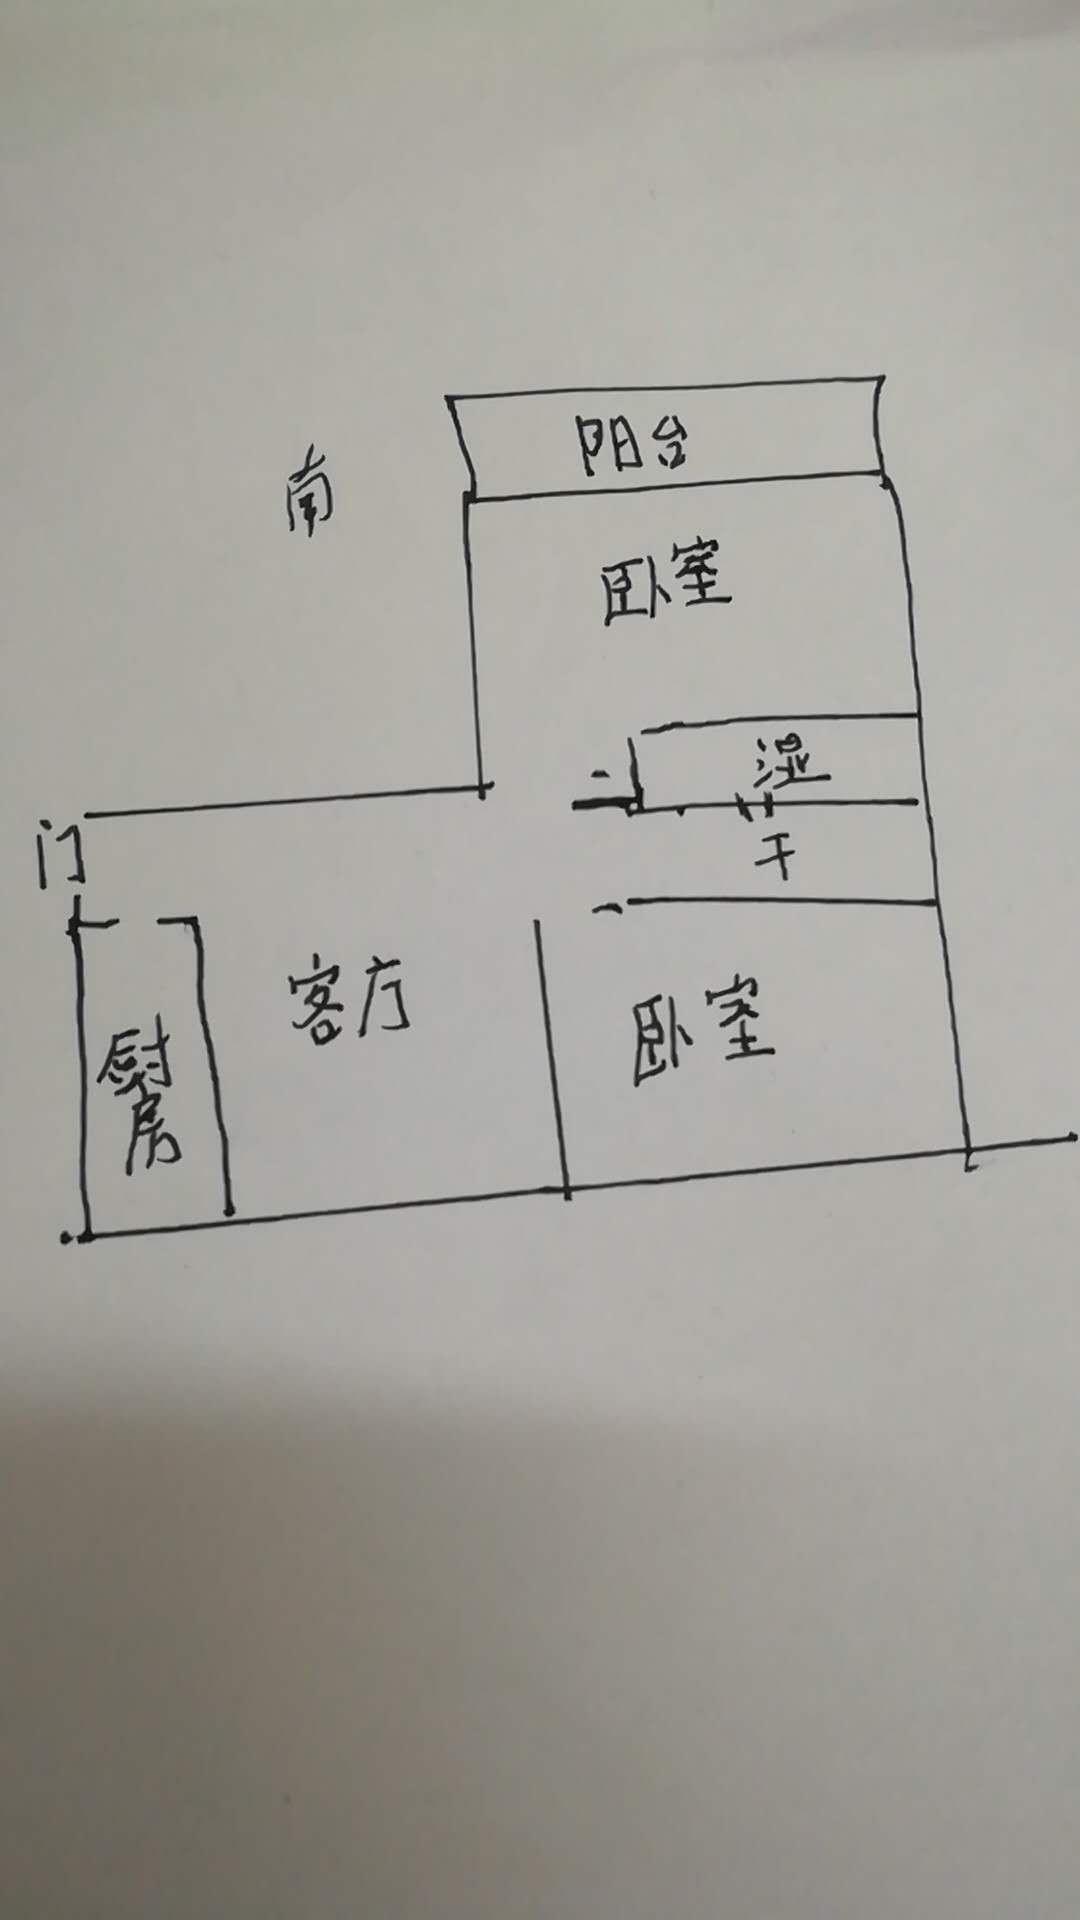 领秀天衢 2室2厅 12楼